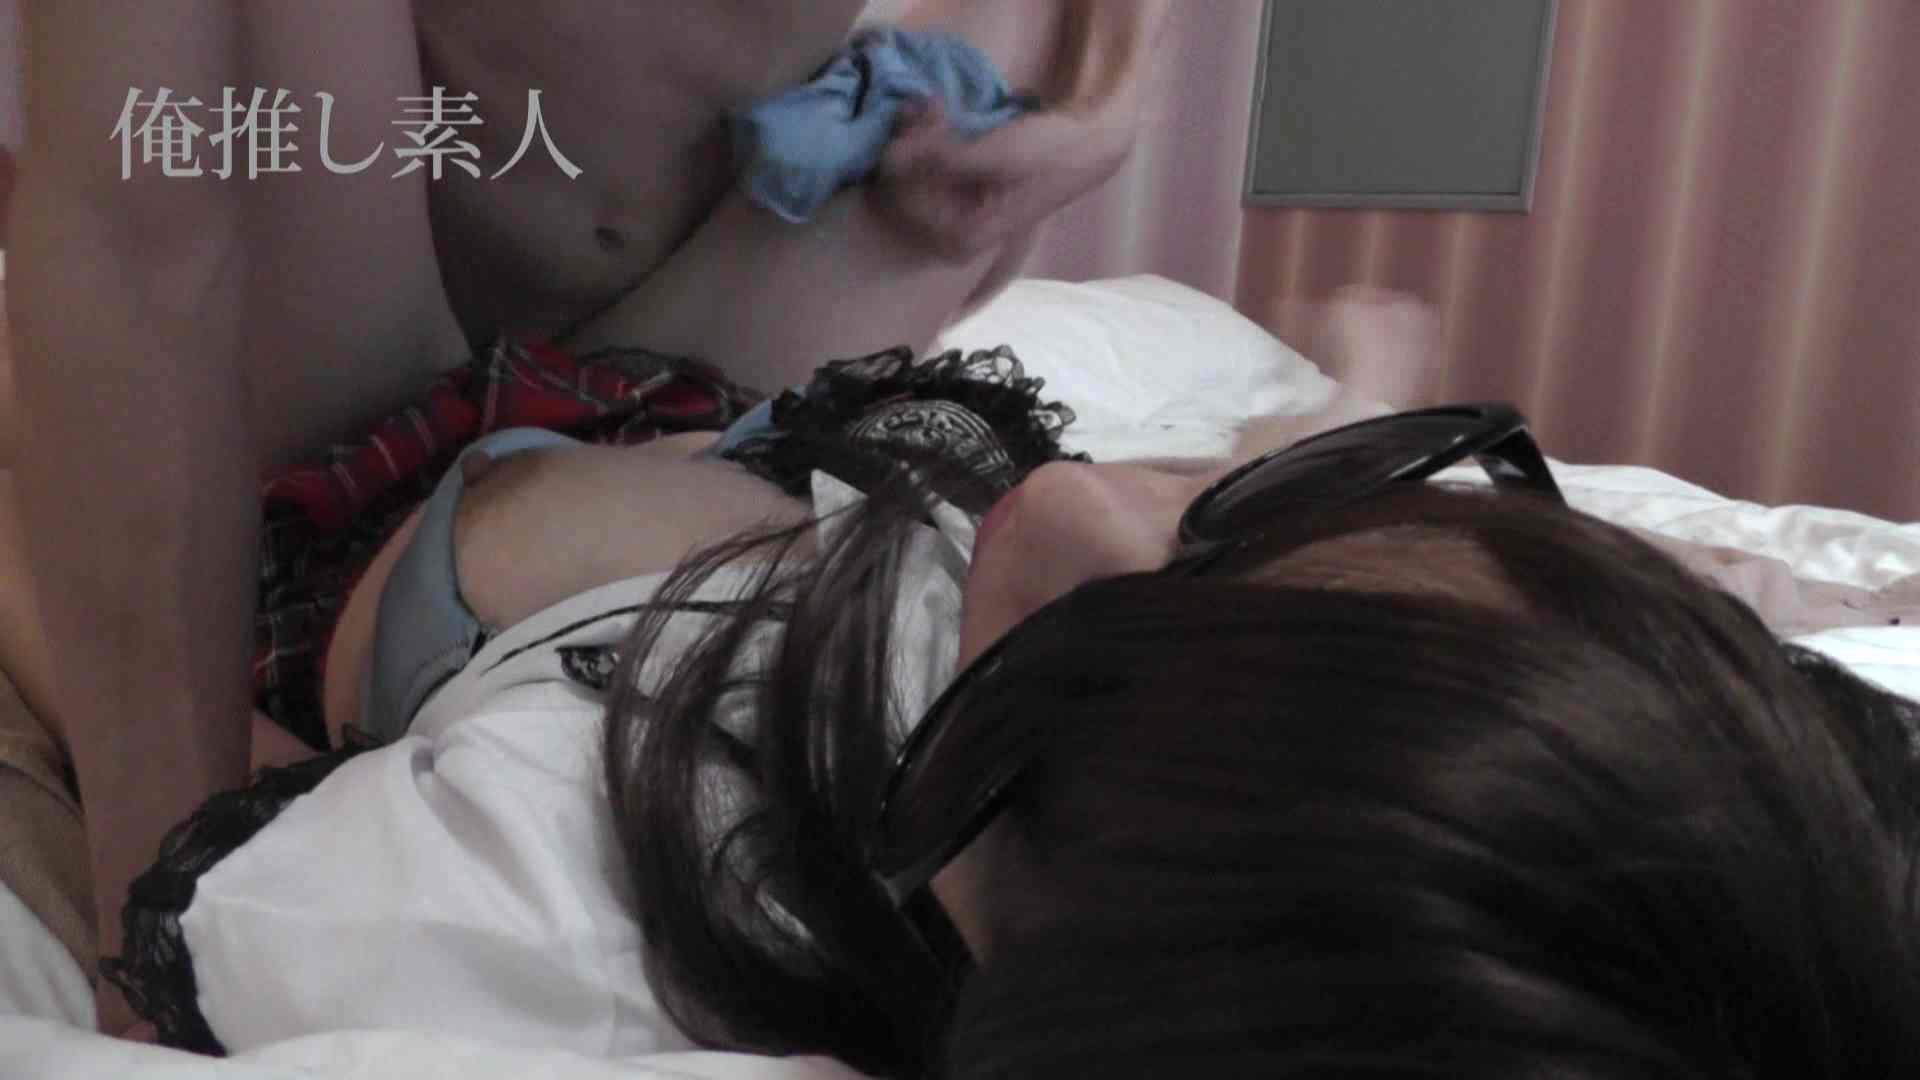 俺推し素人 EカップシングルマザーOL30歳瑤子vol3 エッチなOL セックス無修正動画無料 103枚 82